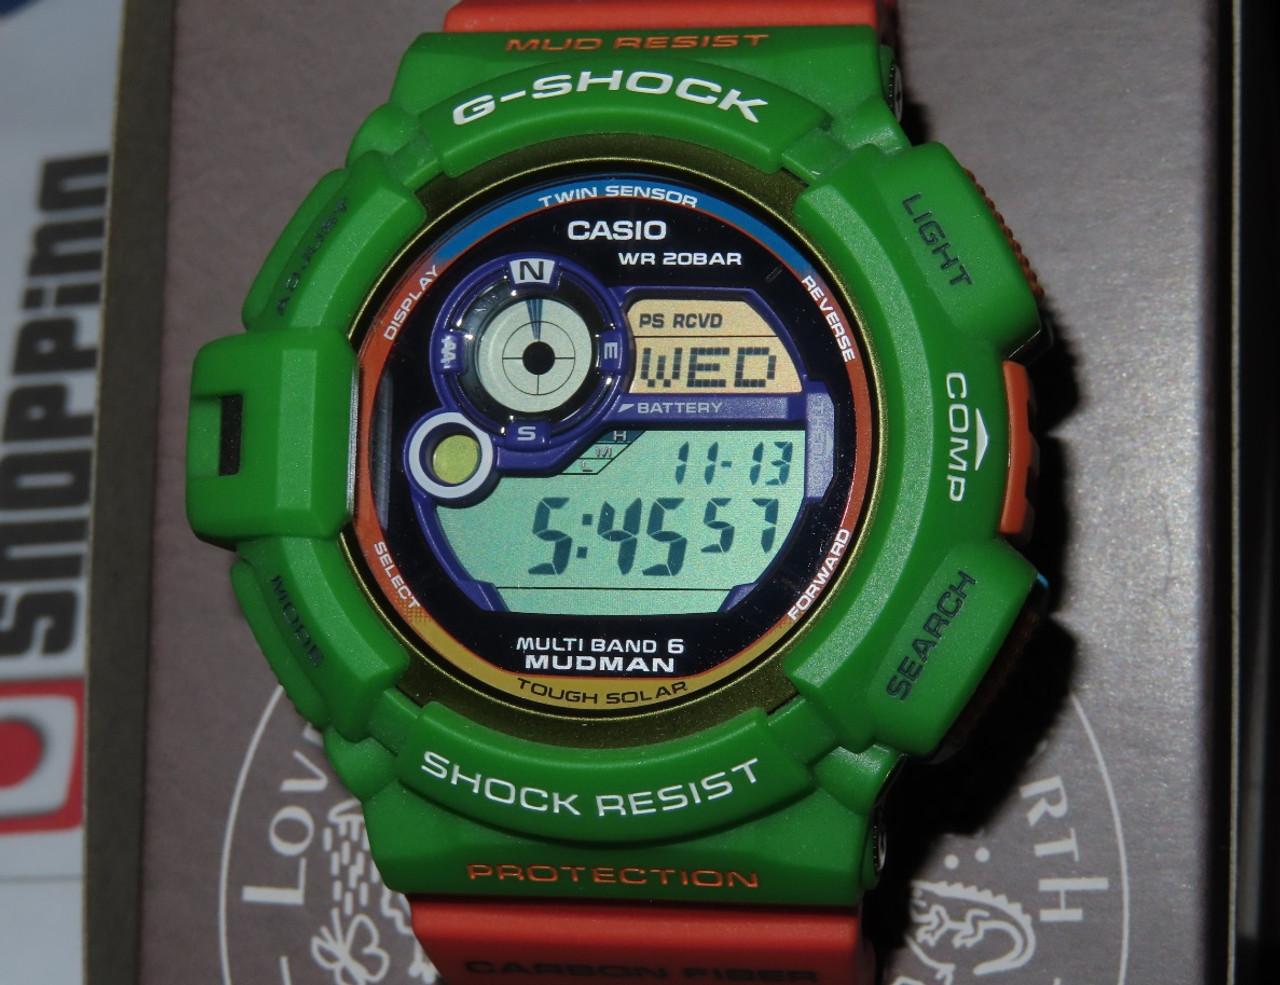 GW-9300K-3JR